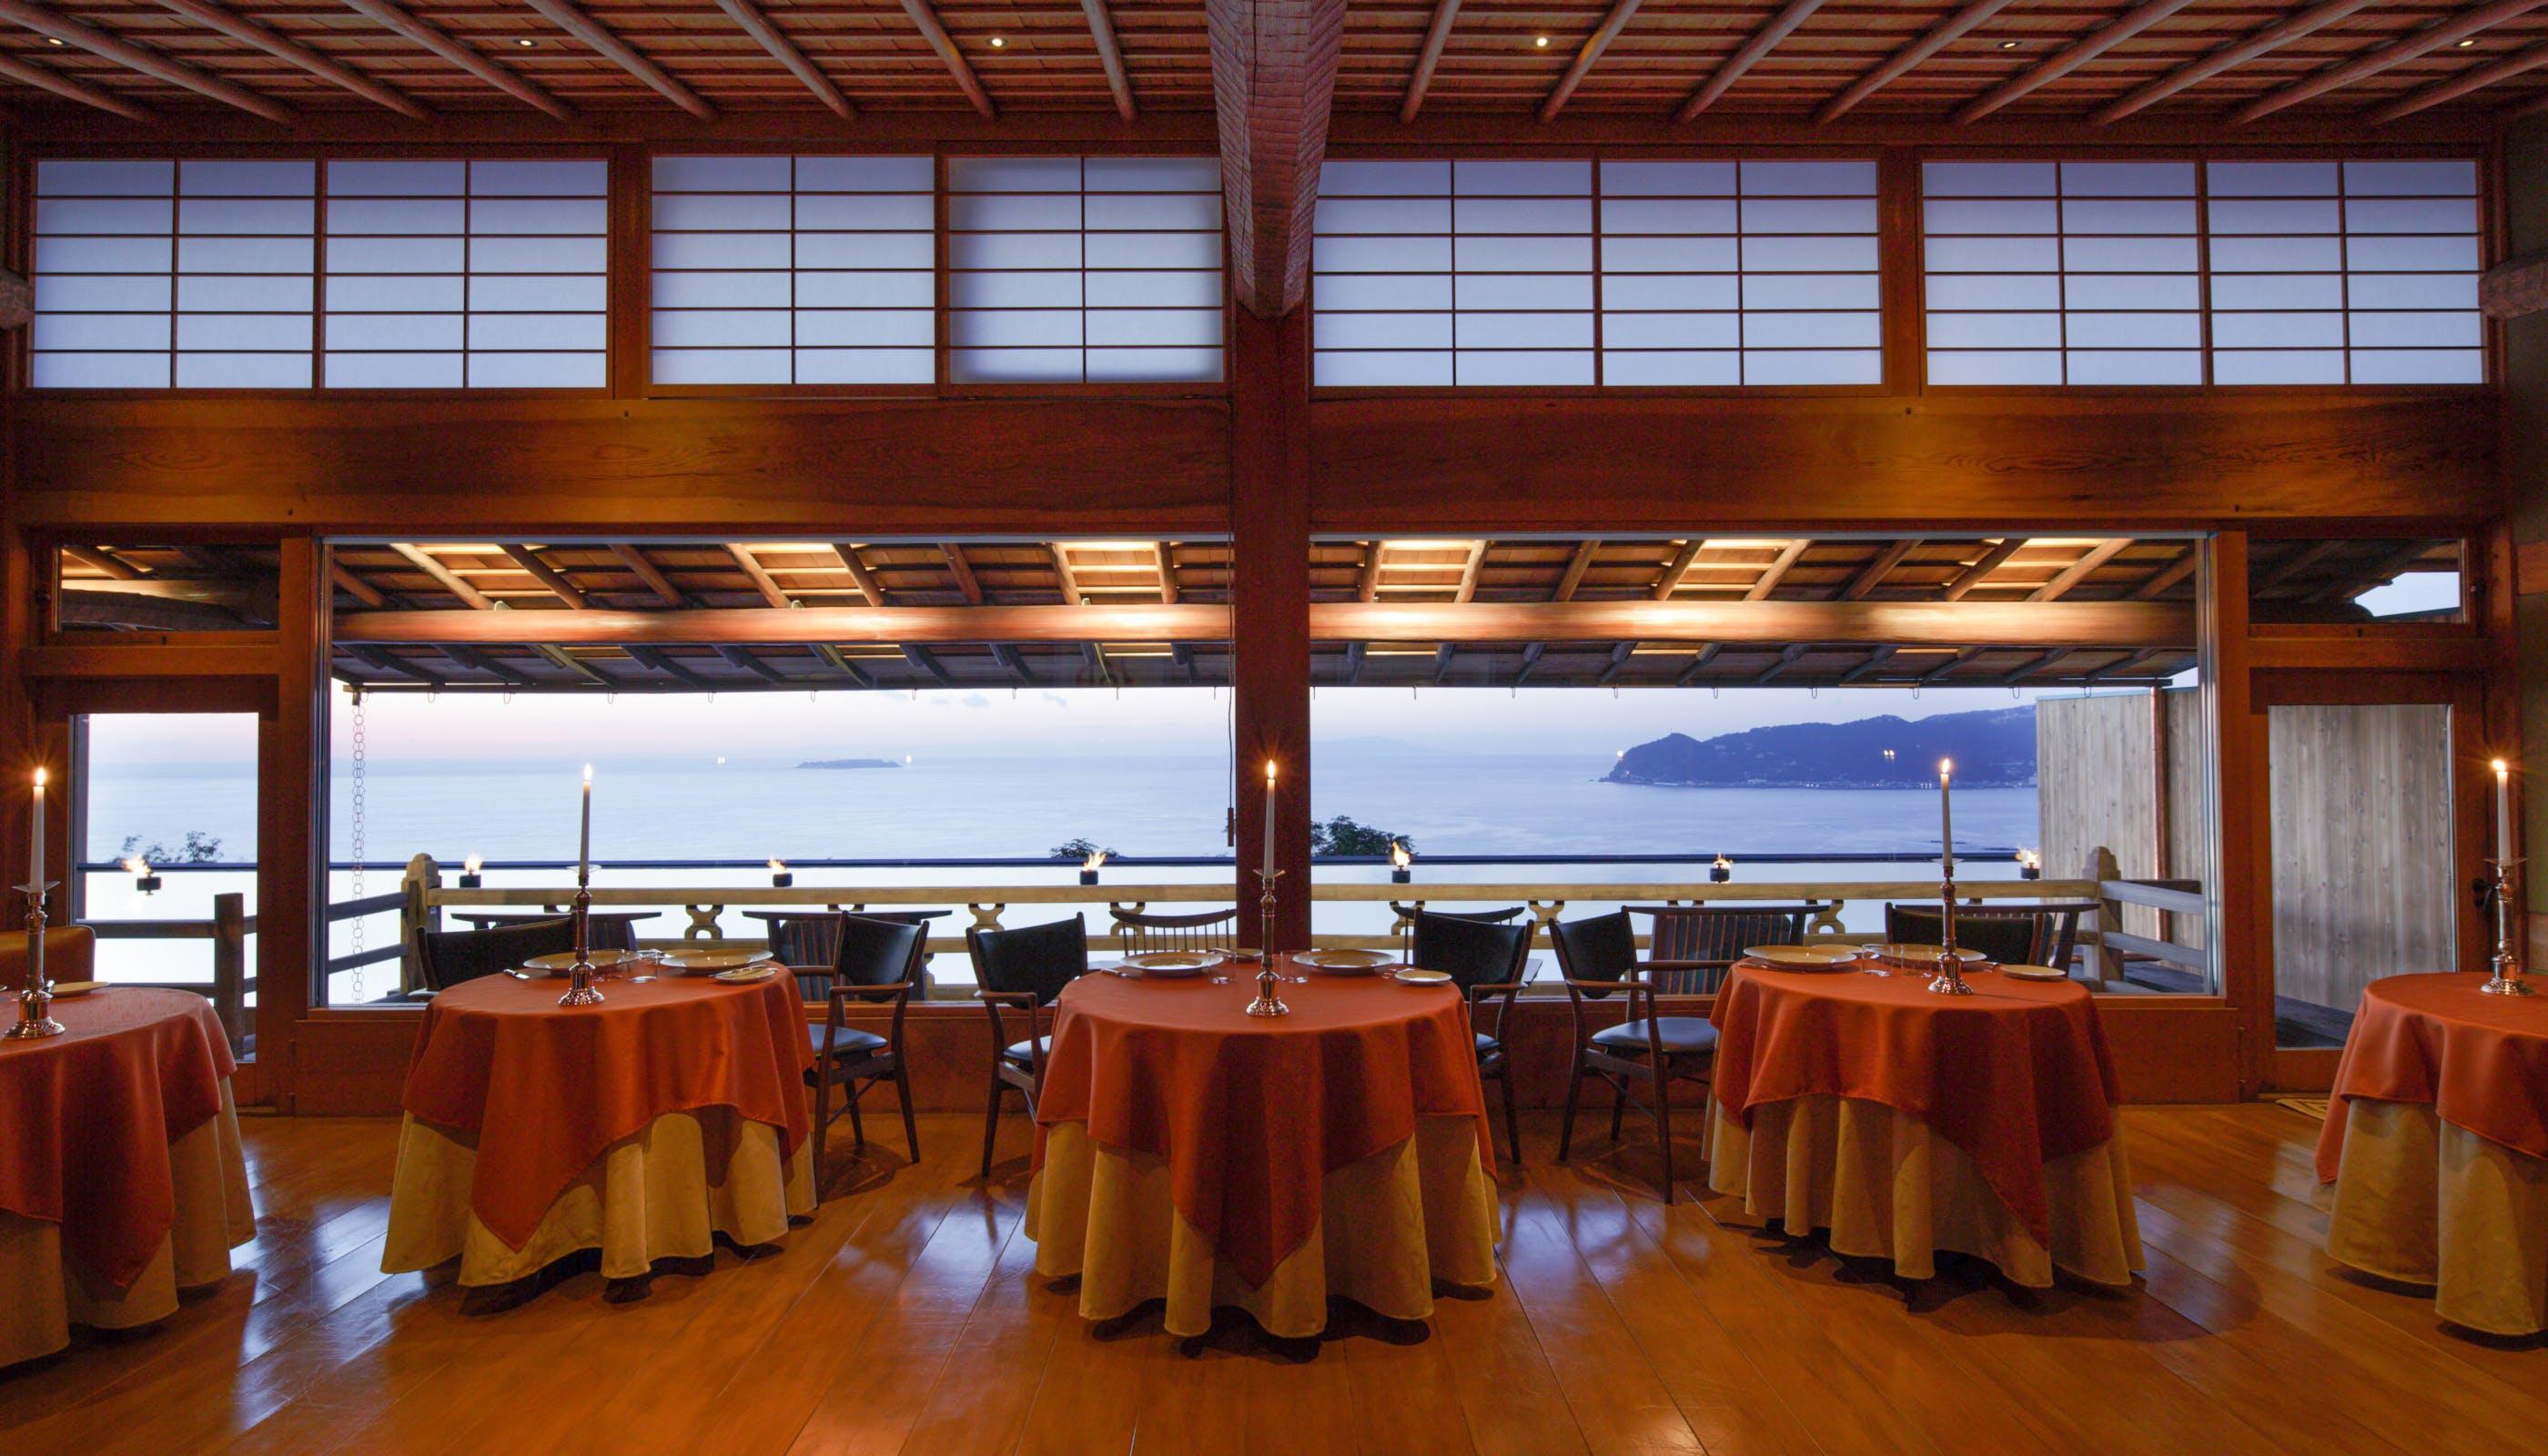 憧れのラグジュアリーリゾート「HIRAMATSU HOTELS」がお届けする優雅な美食旅